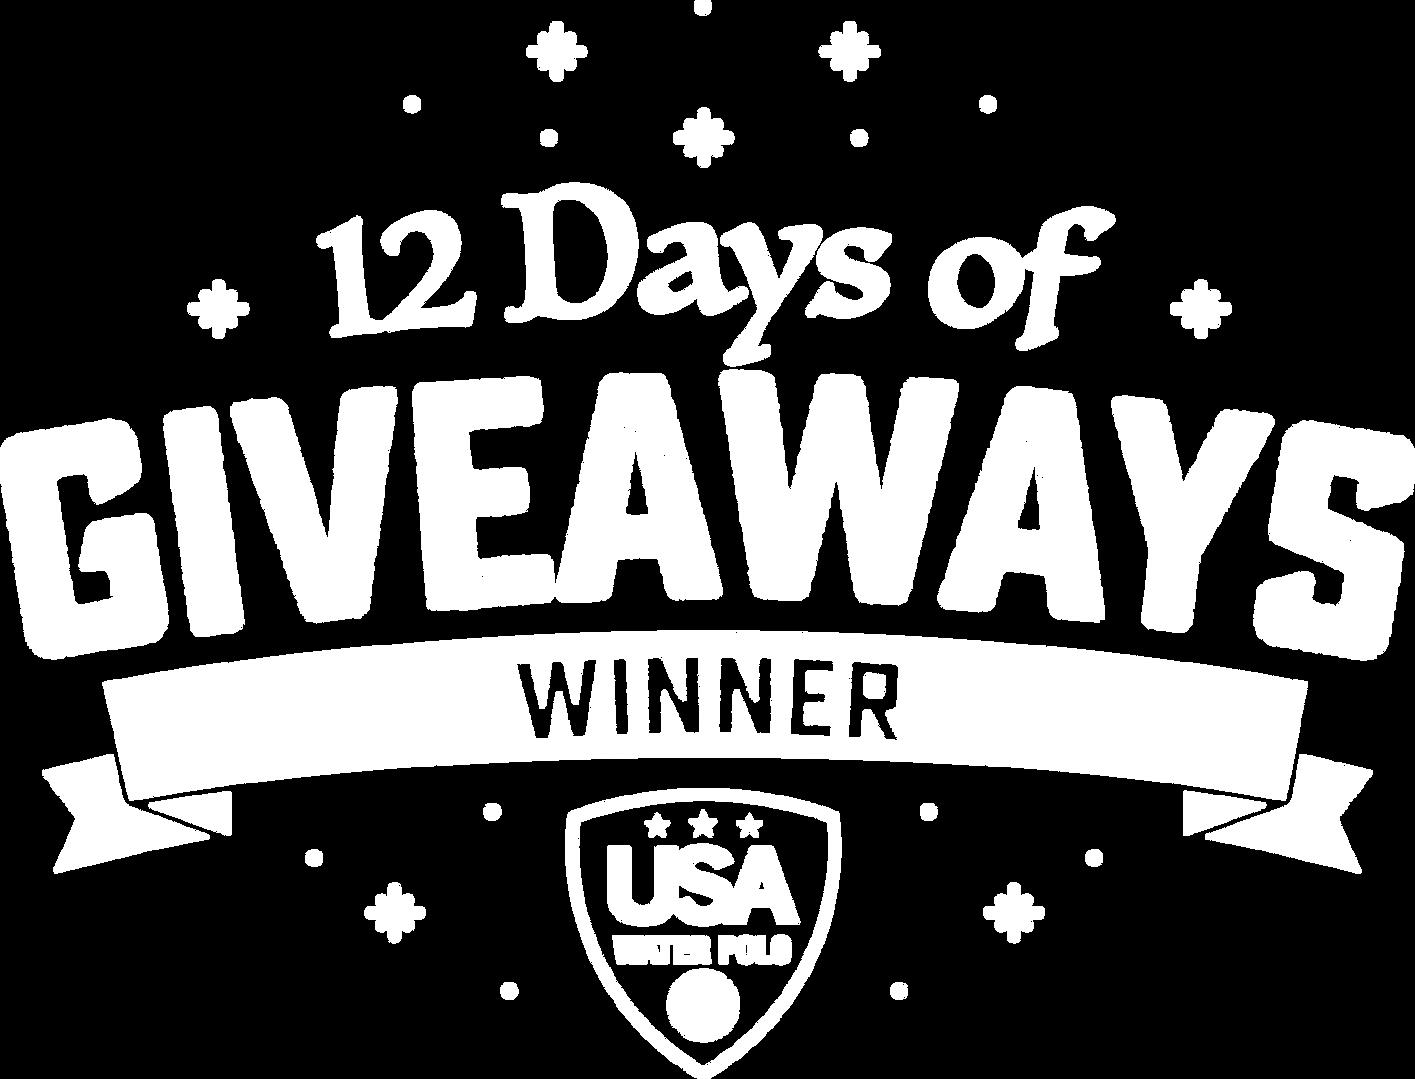 12 Days of Giveaways Winner 01 - Dark Ba